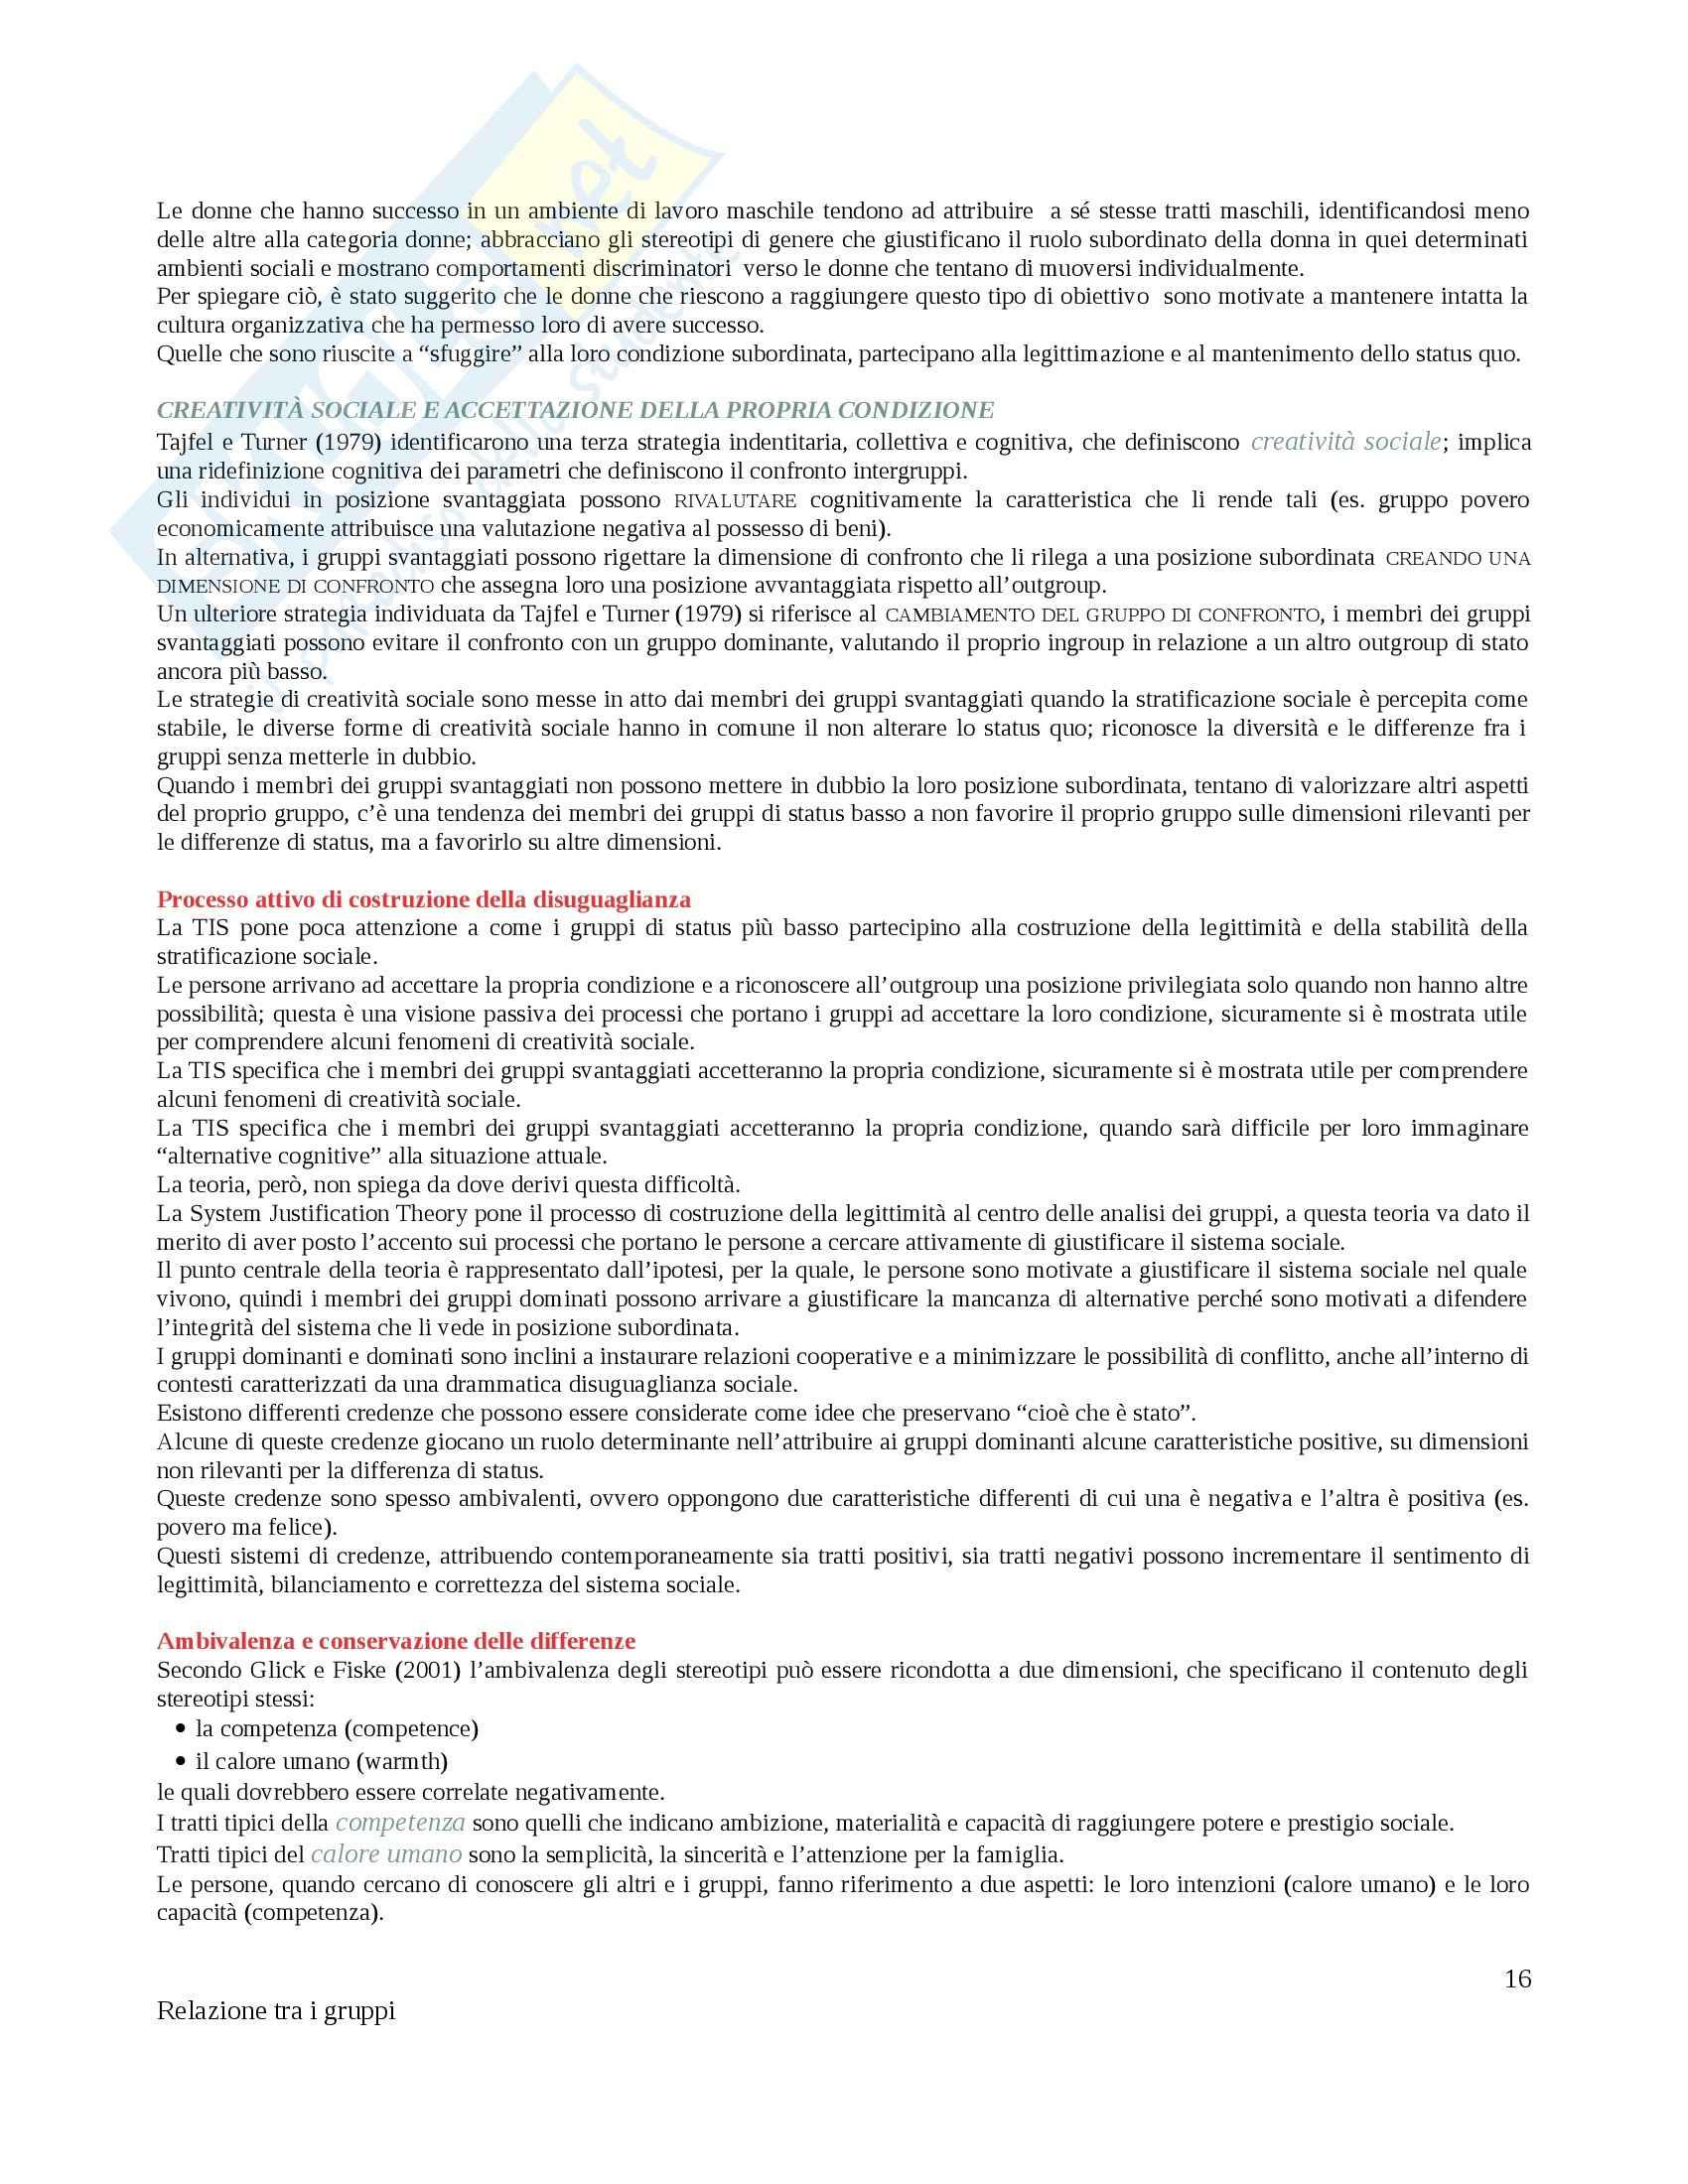 Riassunto esame Psicologia dei gruppi , prof. Matera, libro consigliato Relazione tra i gruppi, Caricati Pag. 16